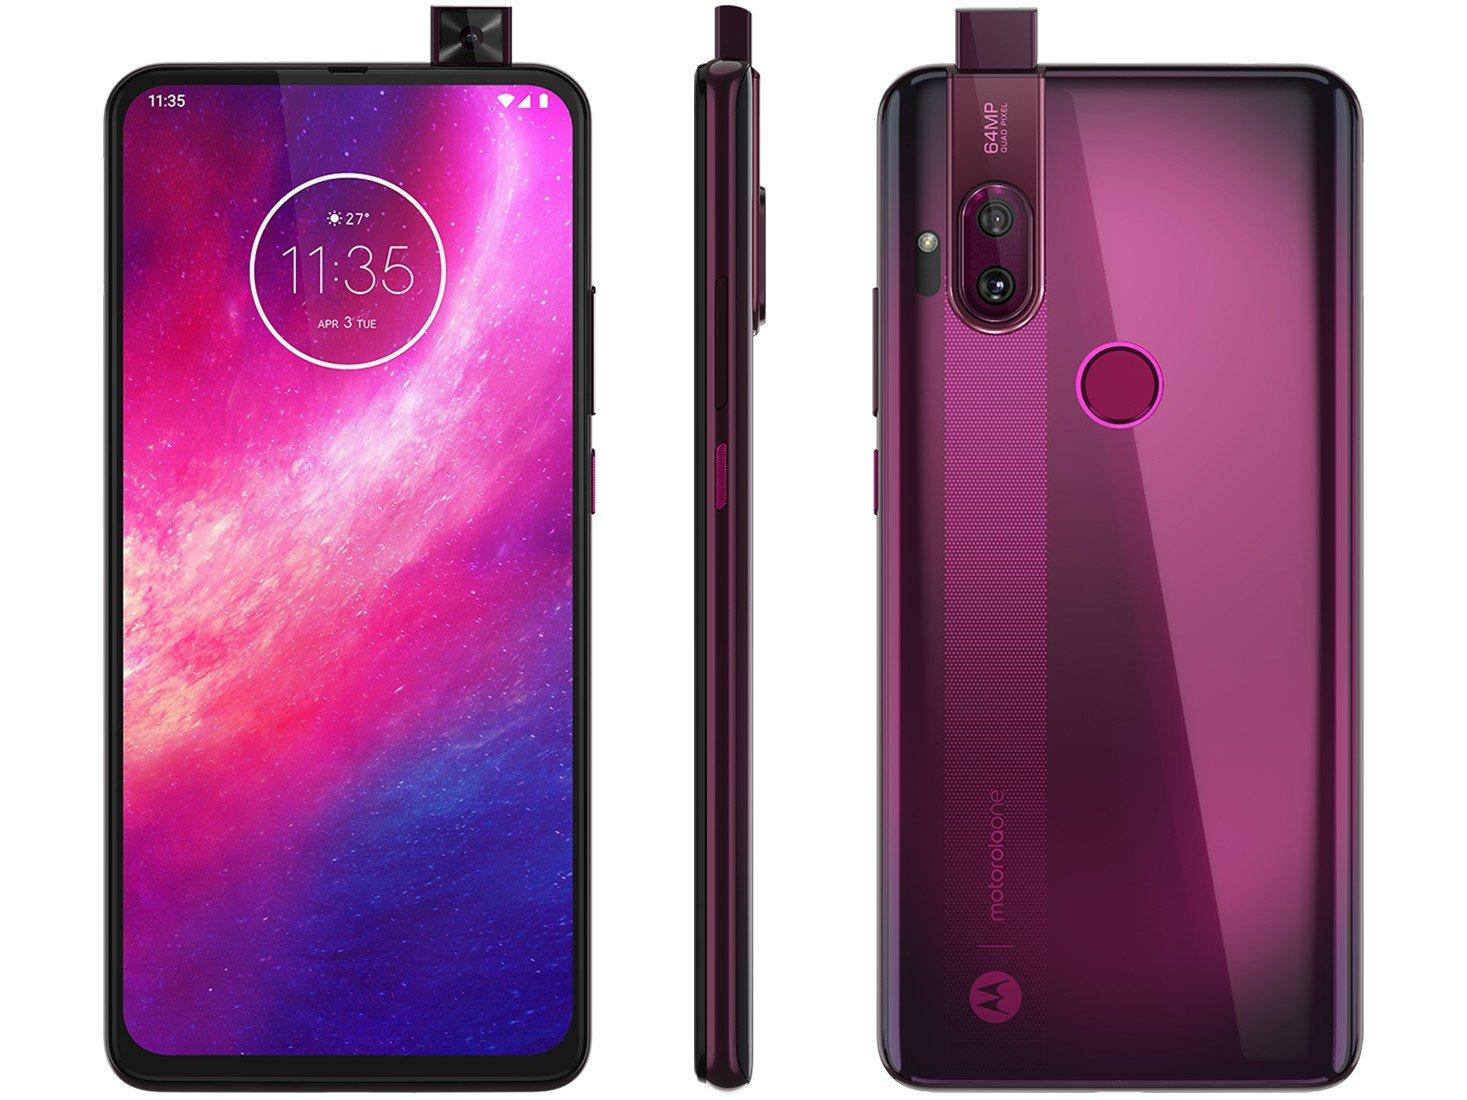 """Smartphone Motorola One Hyper Rosa Boreal 128GB, Tela Total Vision 6.5"""", Câmera Traseira Dupla, Câmera Selfie Pop-Up de 32MP, Processador Qualcomm - 1"""